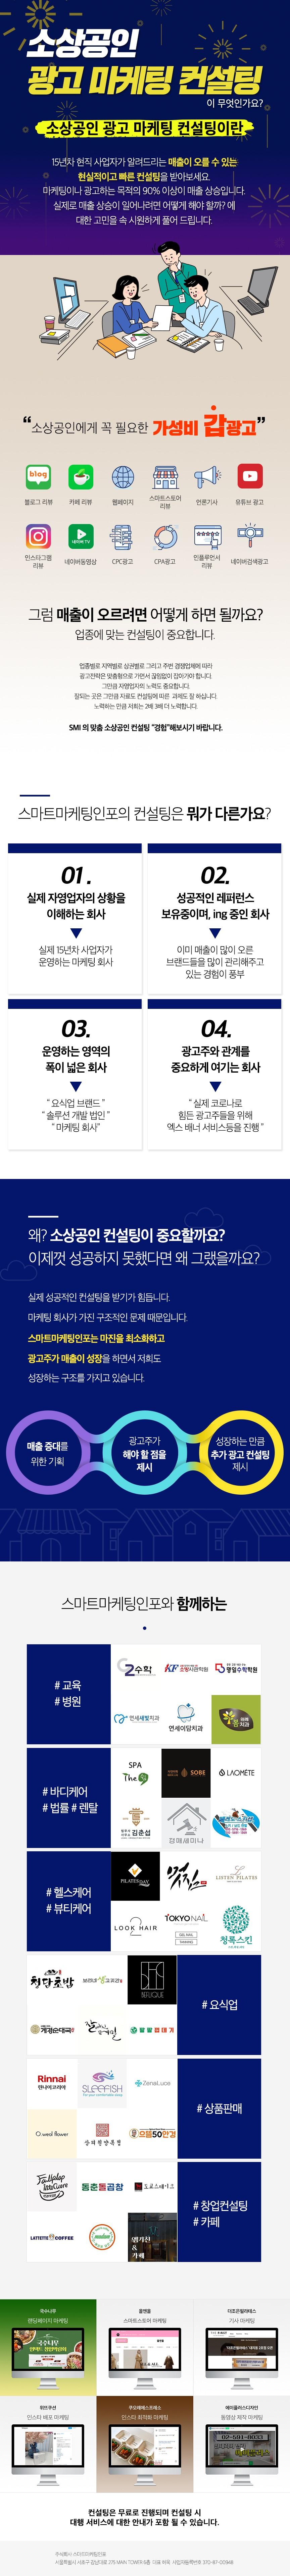 소상공인 매출업 - 스마트마케팅인포